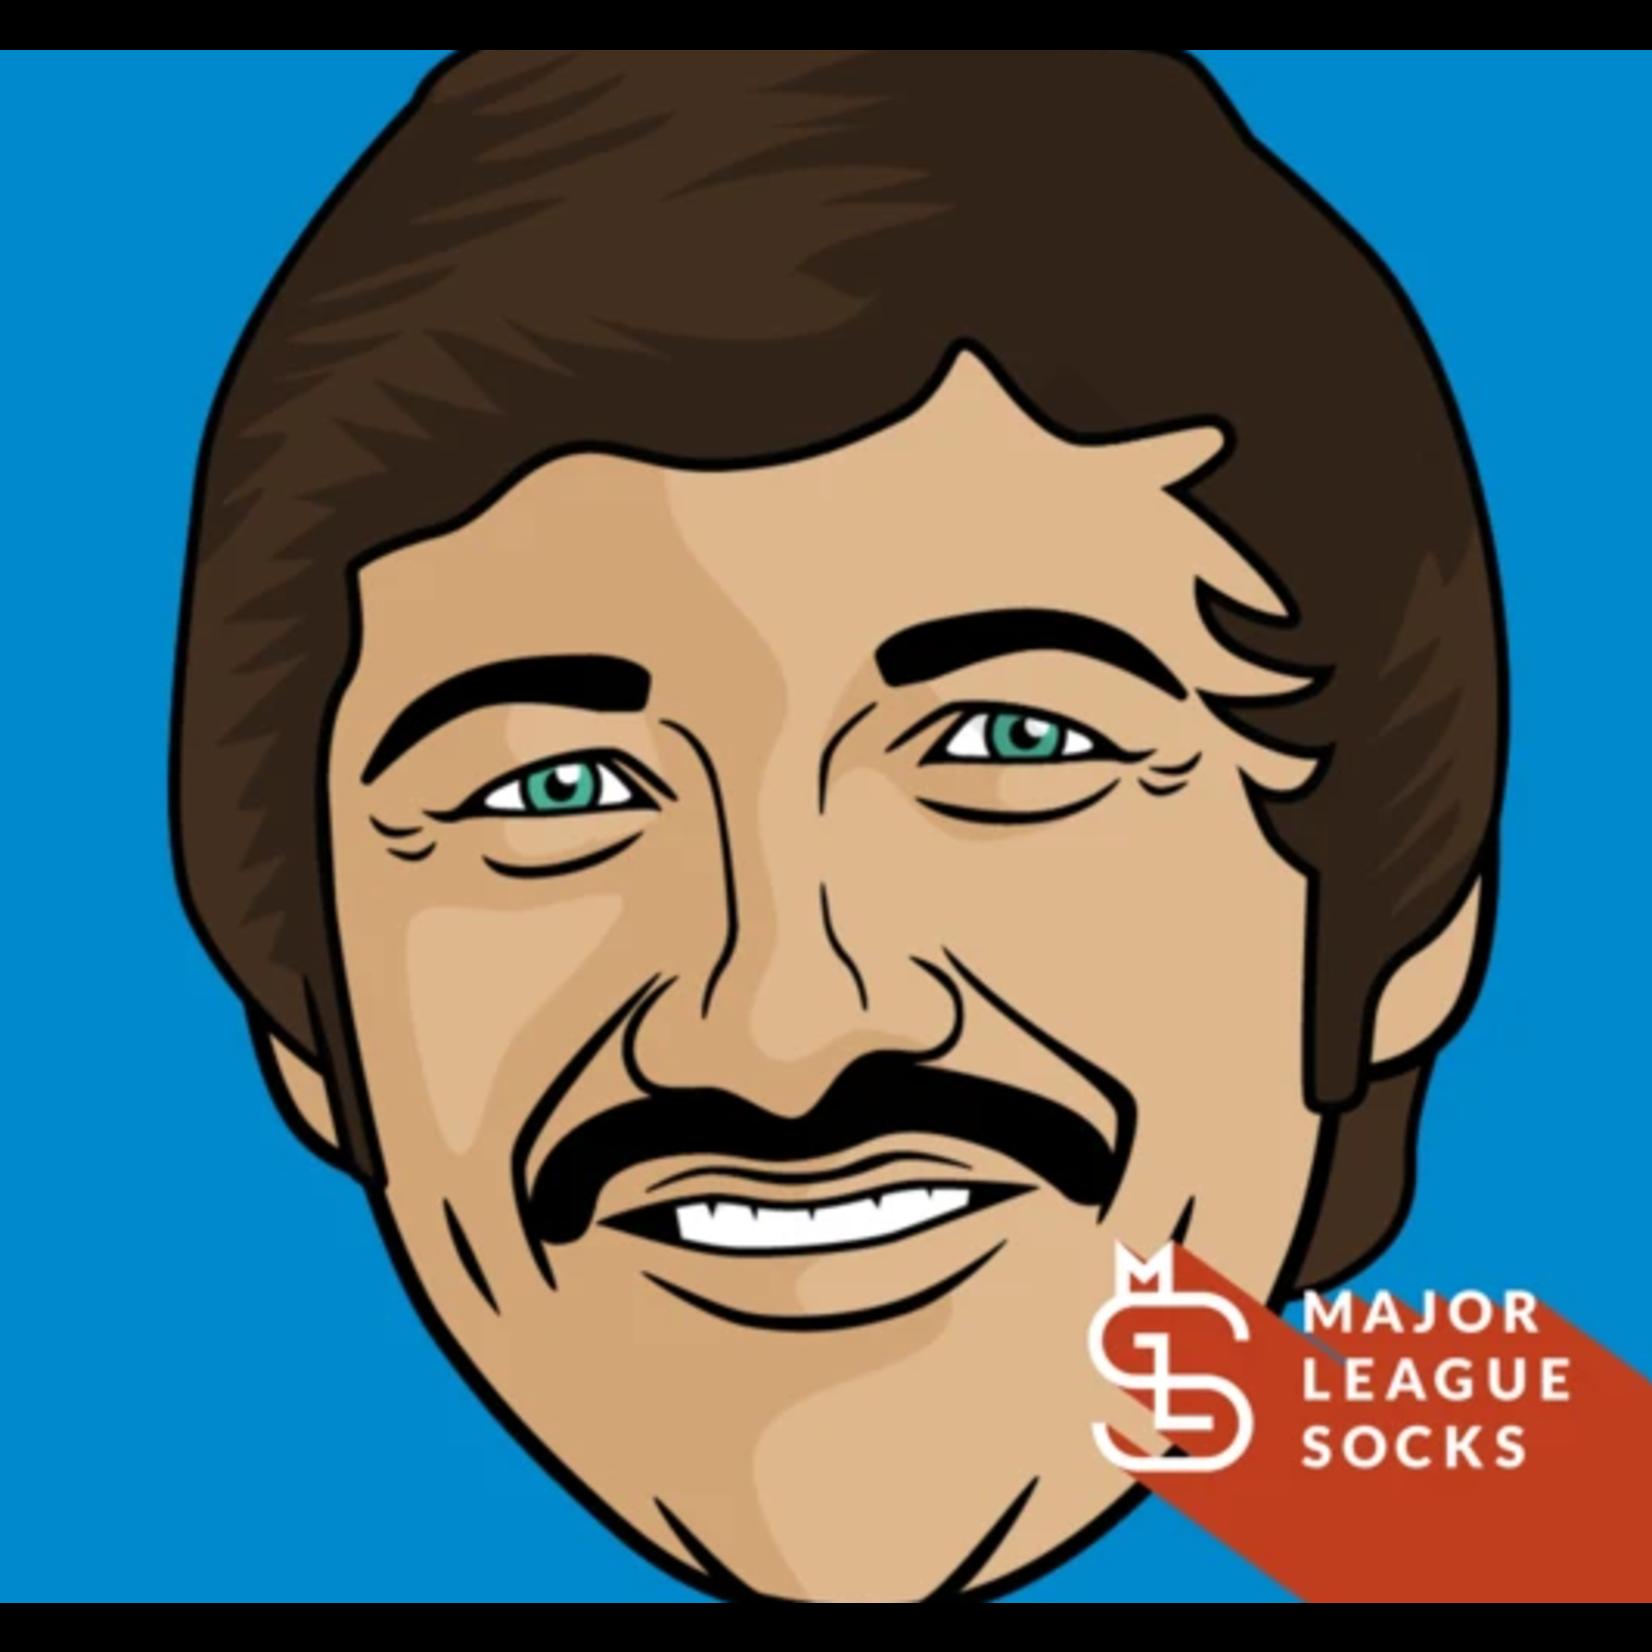 Major League Socks - Bernie Parent